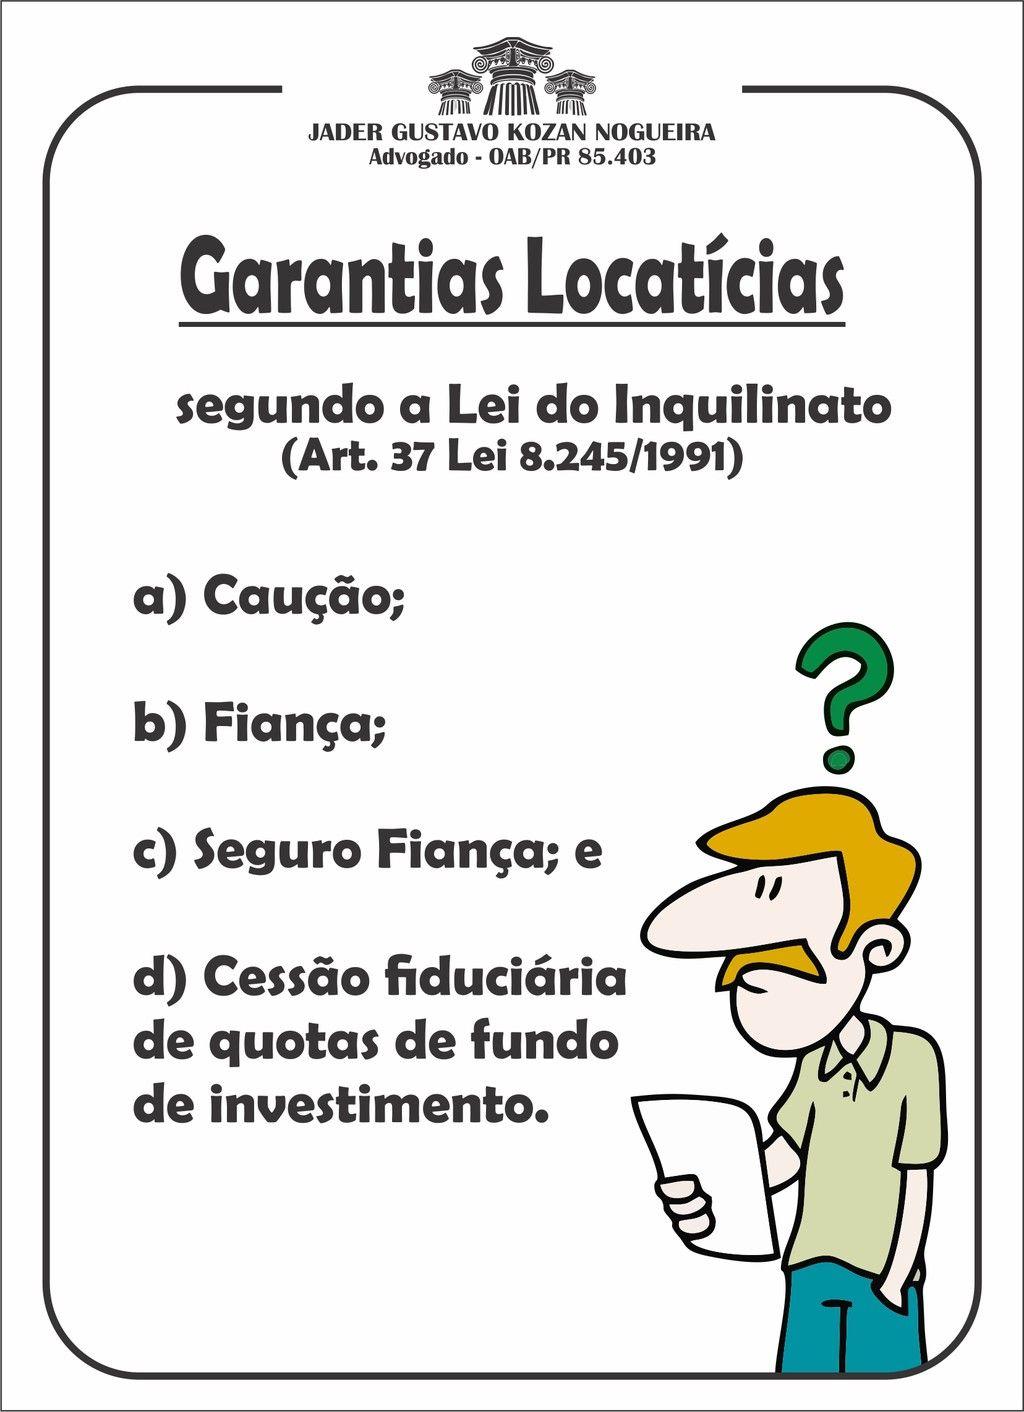 Garantias locatcias